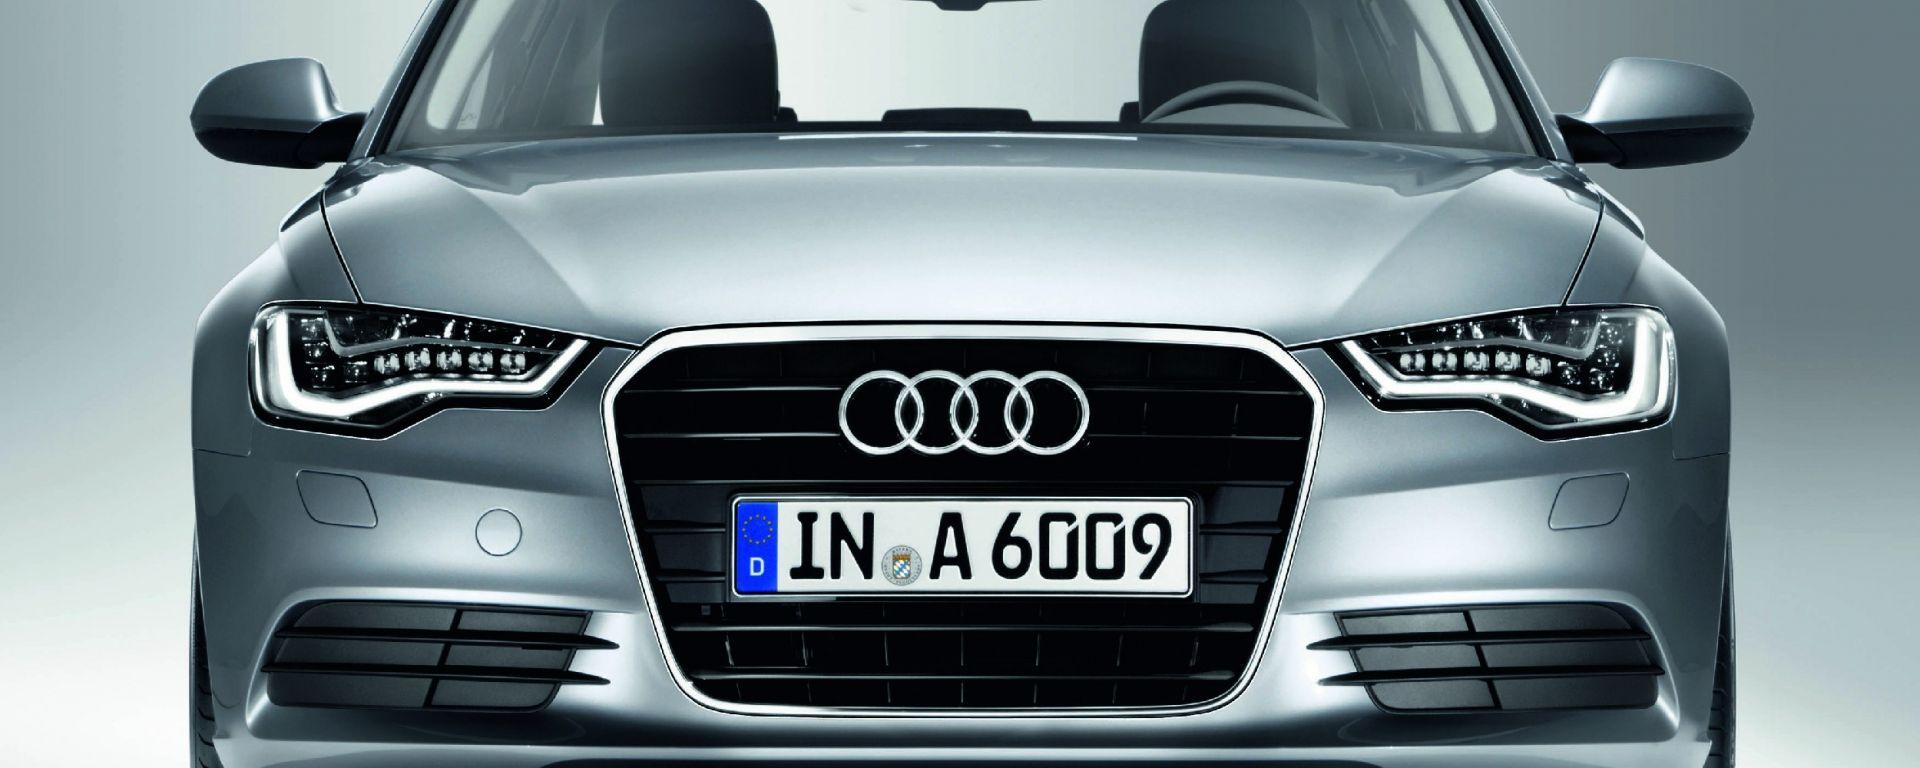 La nuova Audi A6 2011 in dettaglio